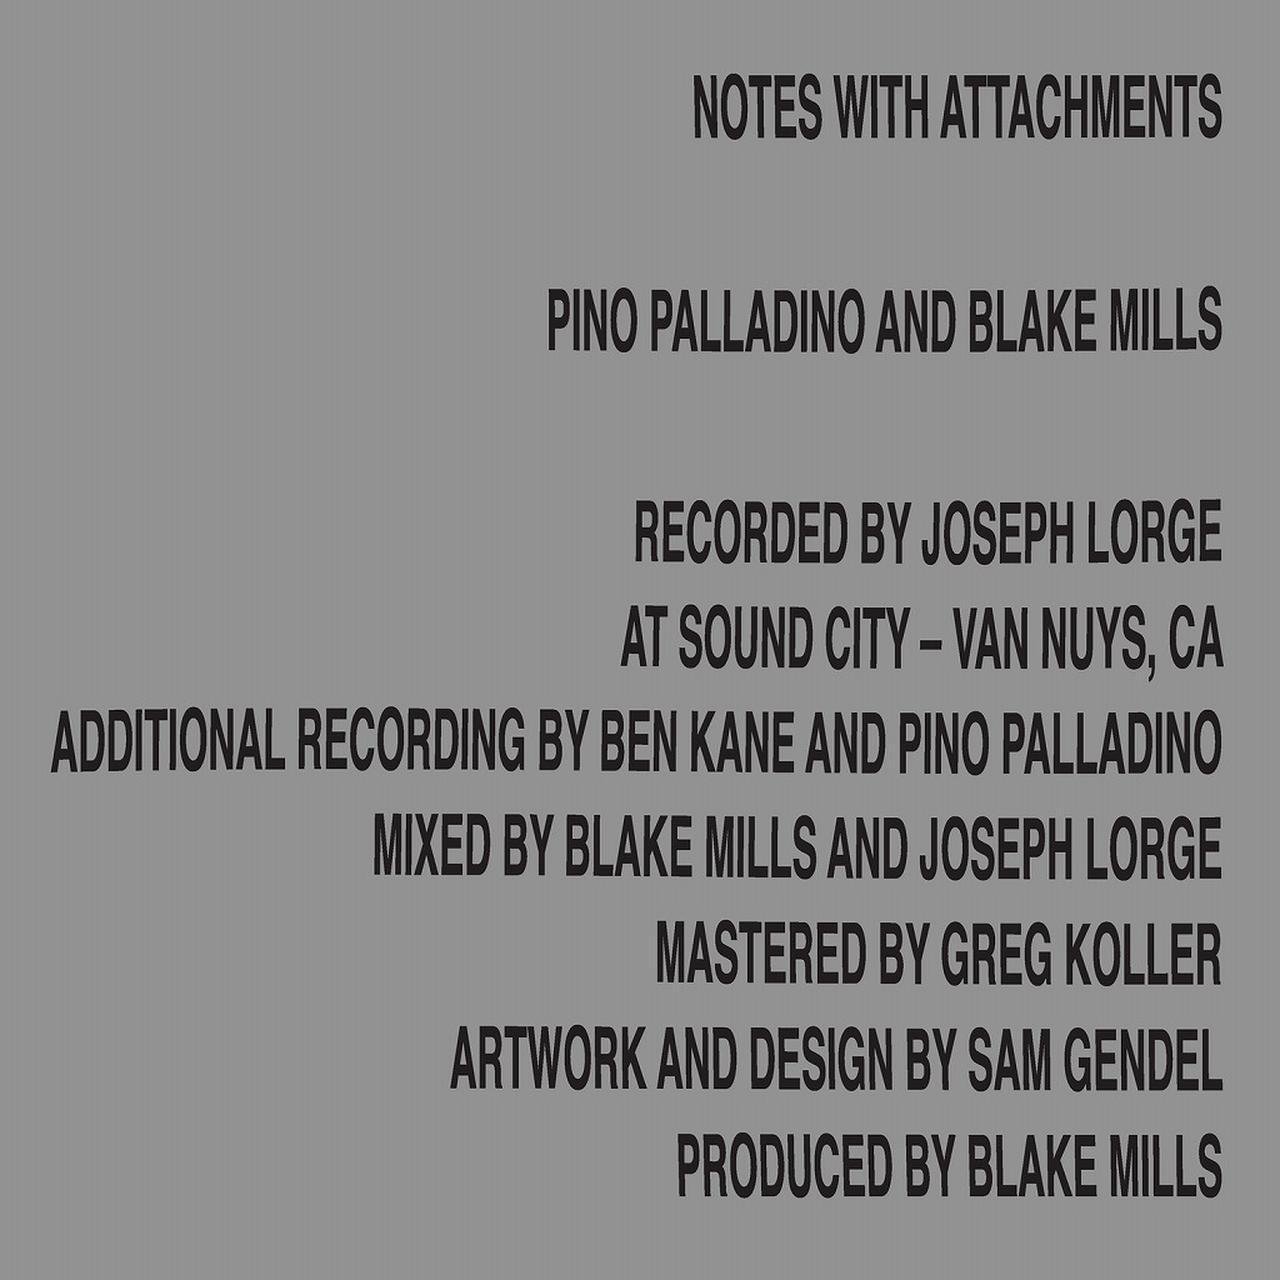 画像: Notes With Attachments / ピノ・パラディーノ , ブレイク・ミルズ